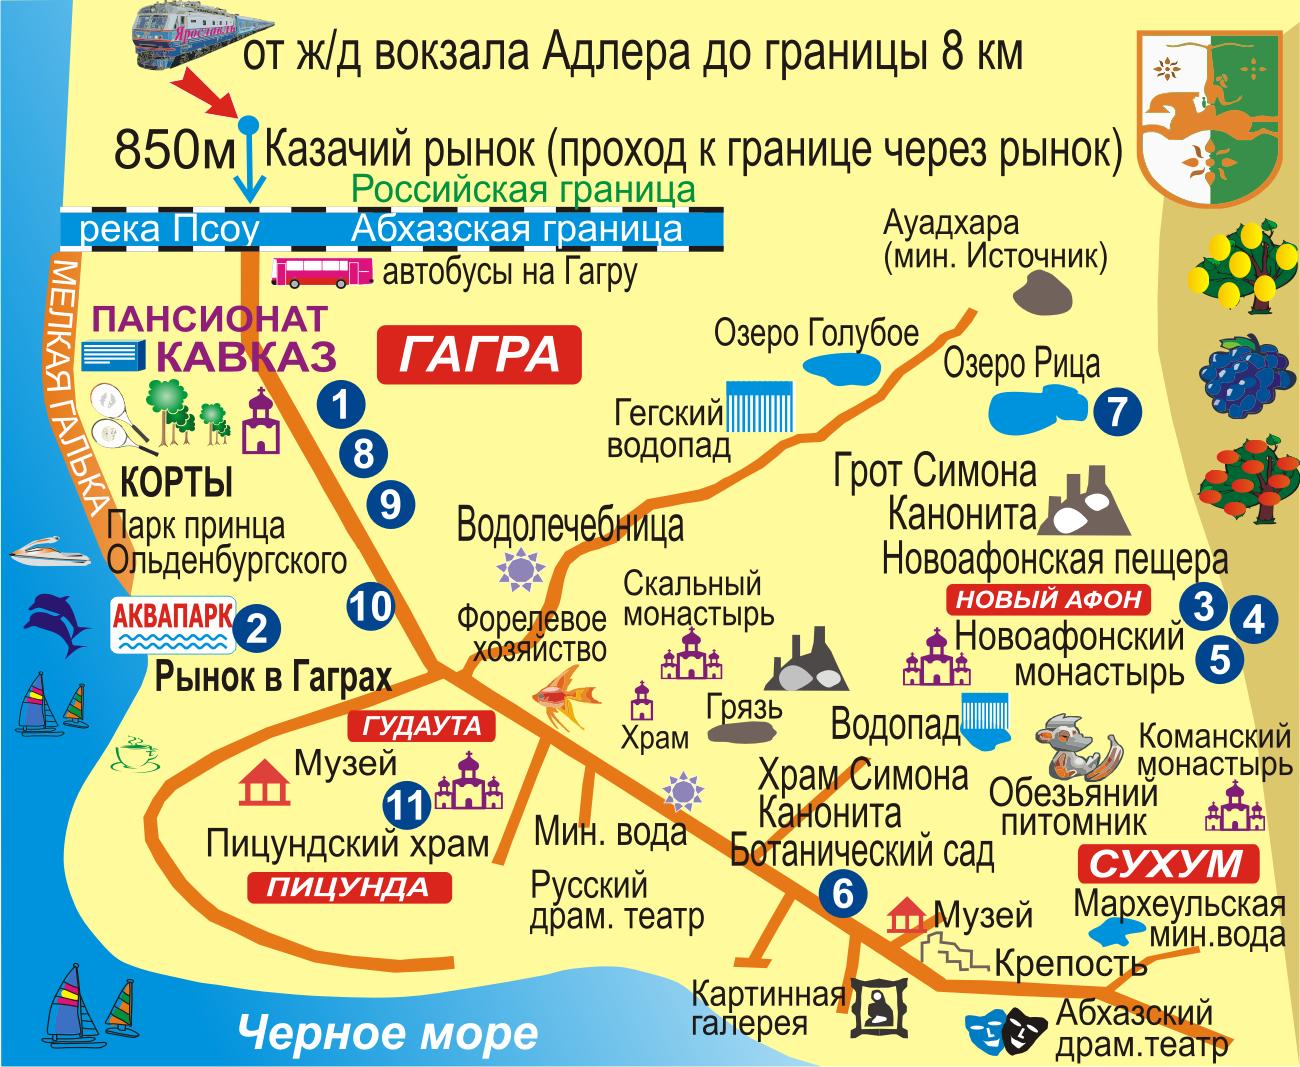 Чем хороши московские елочные базары?